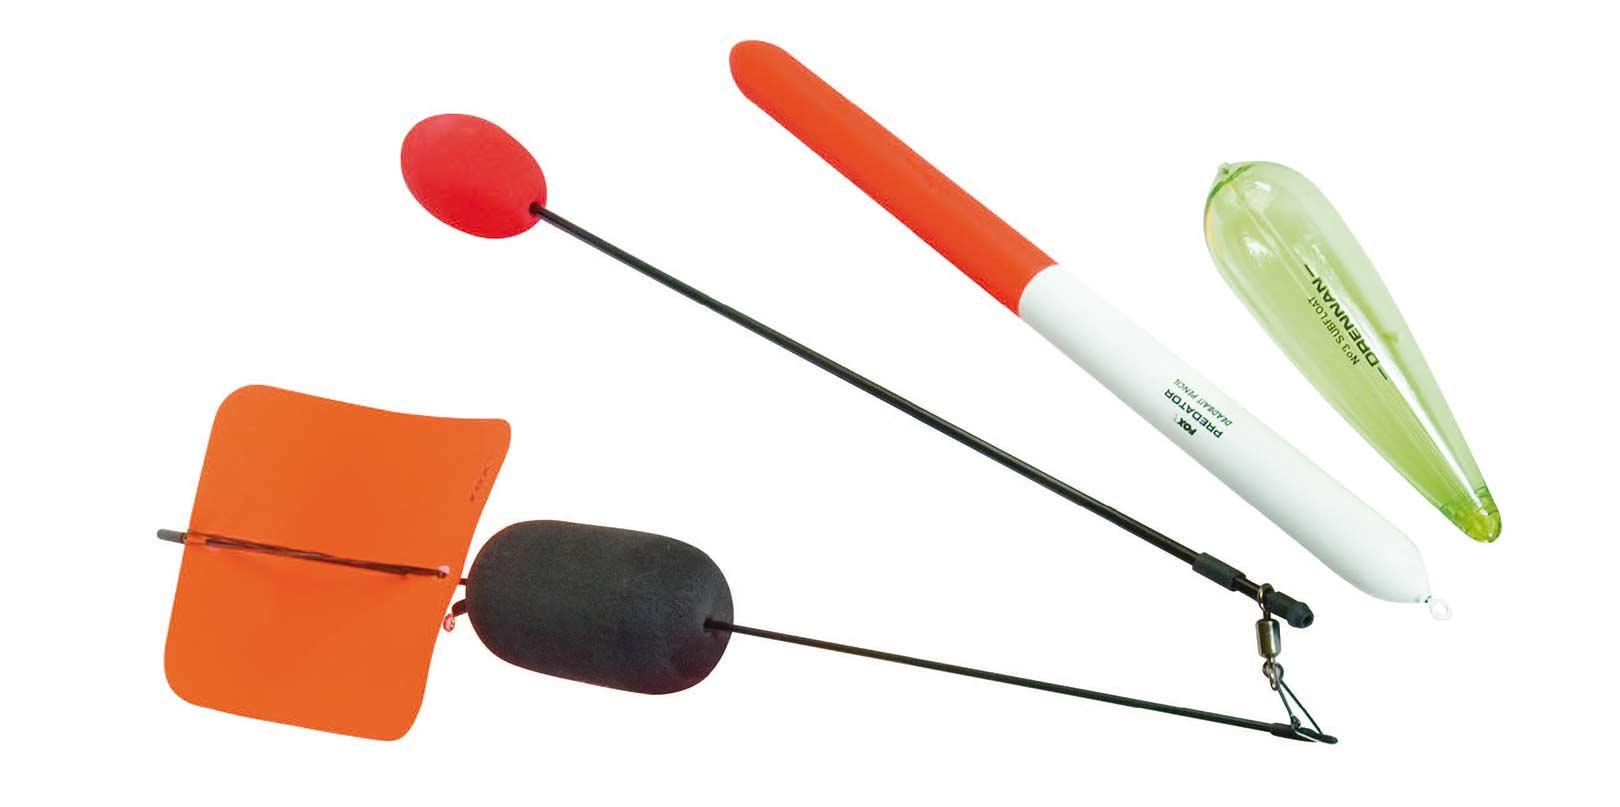 a) Driftflåd med stor fane og stabilisator/ controller arm, b) Deadbait Pencil til død agn og c) et subflåd, der bruges til metoder som fx sunken float paternoster.